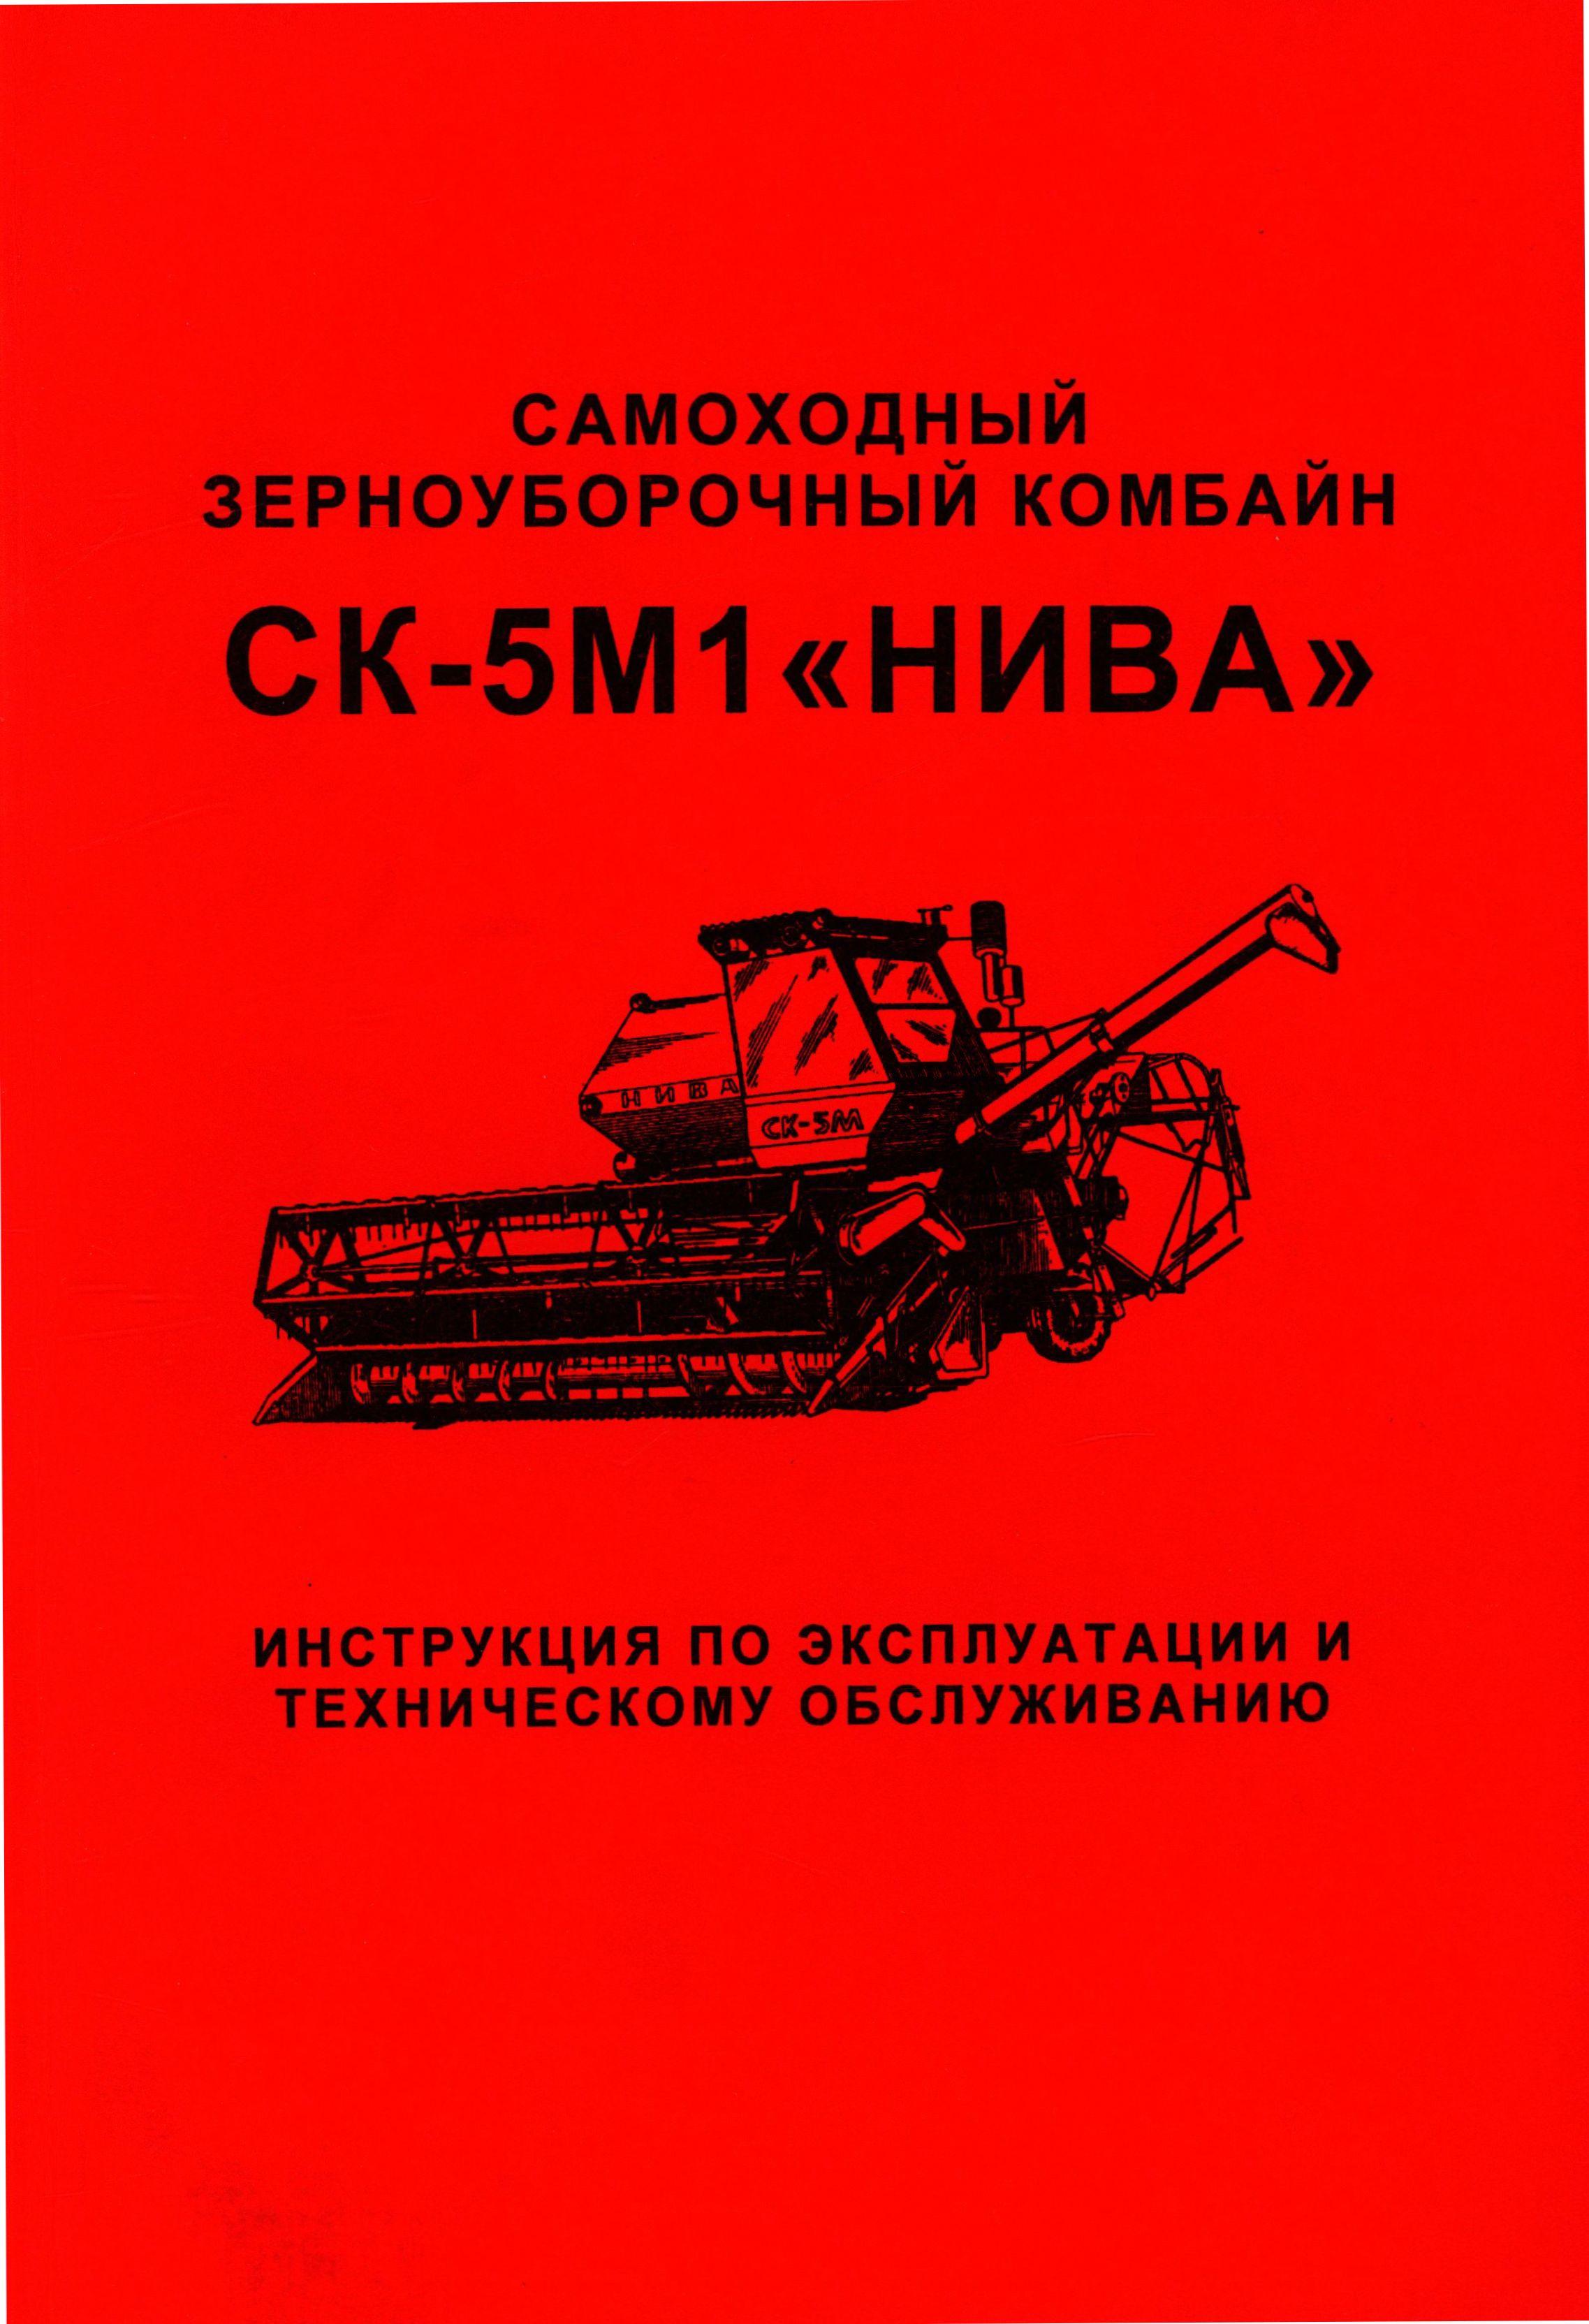 Самоходный зерноуборочный комбайн СК-5М1 «Нива» Инструкция по эксплуатации и ТО